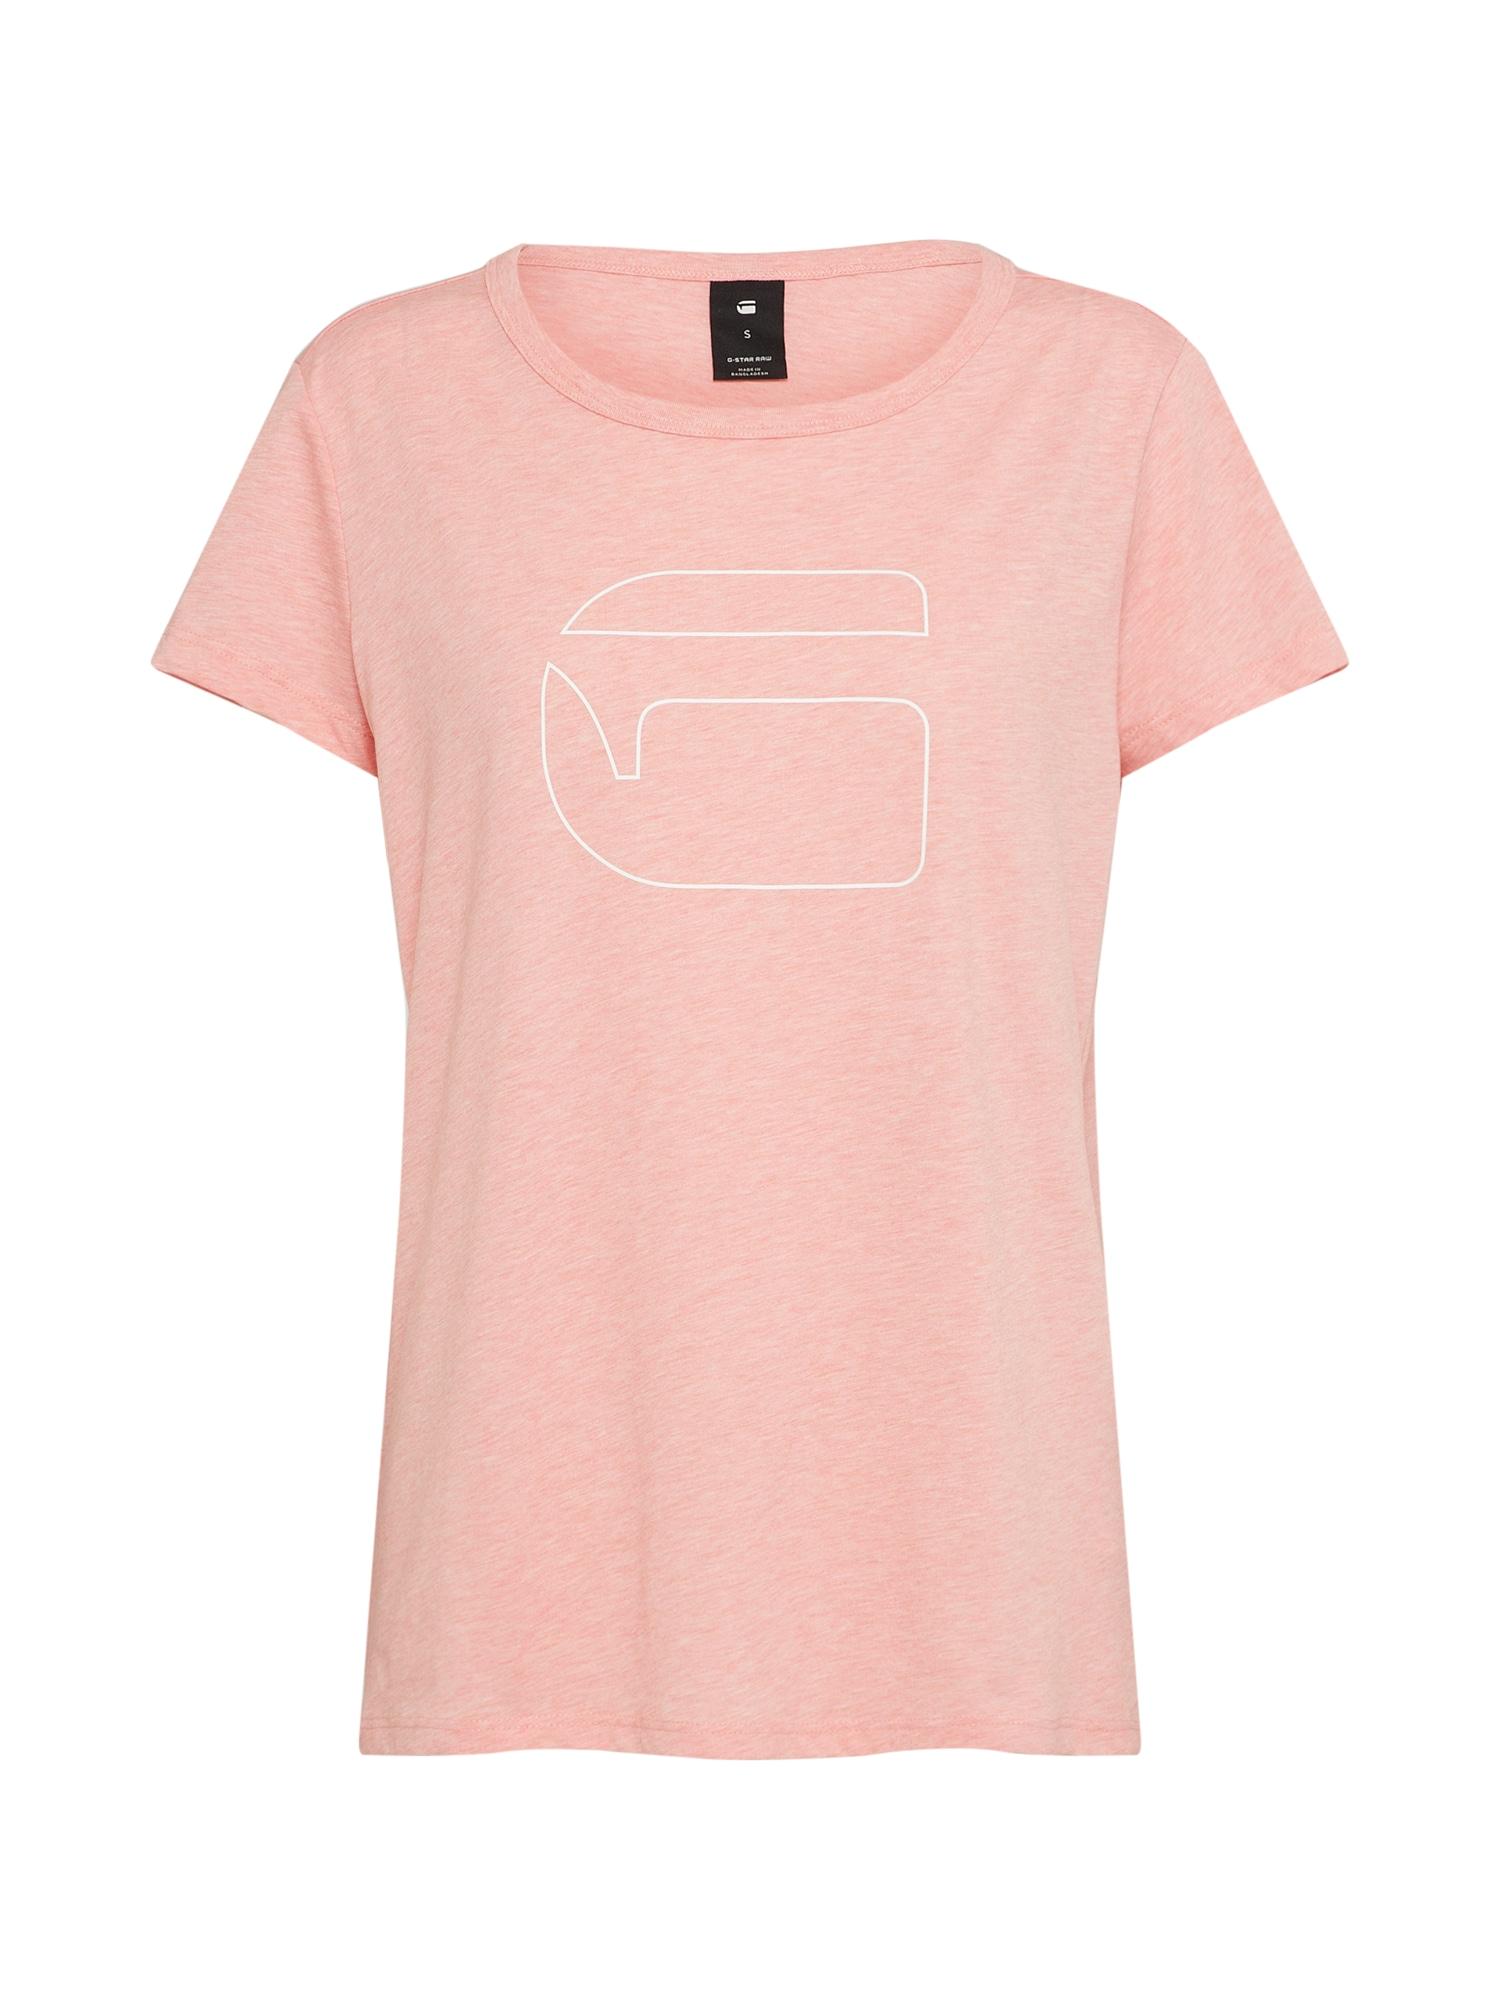 G-STAR RAW Dames Shirt roze gemêleerd